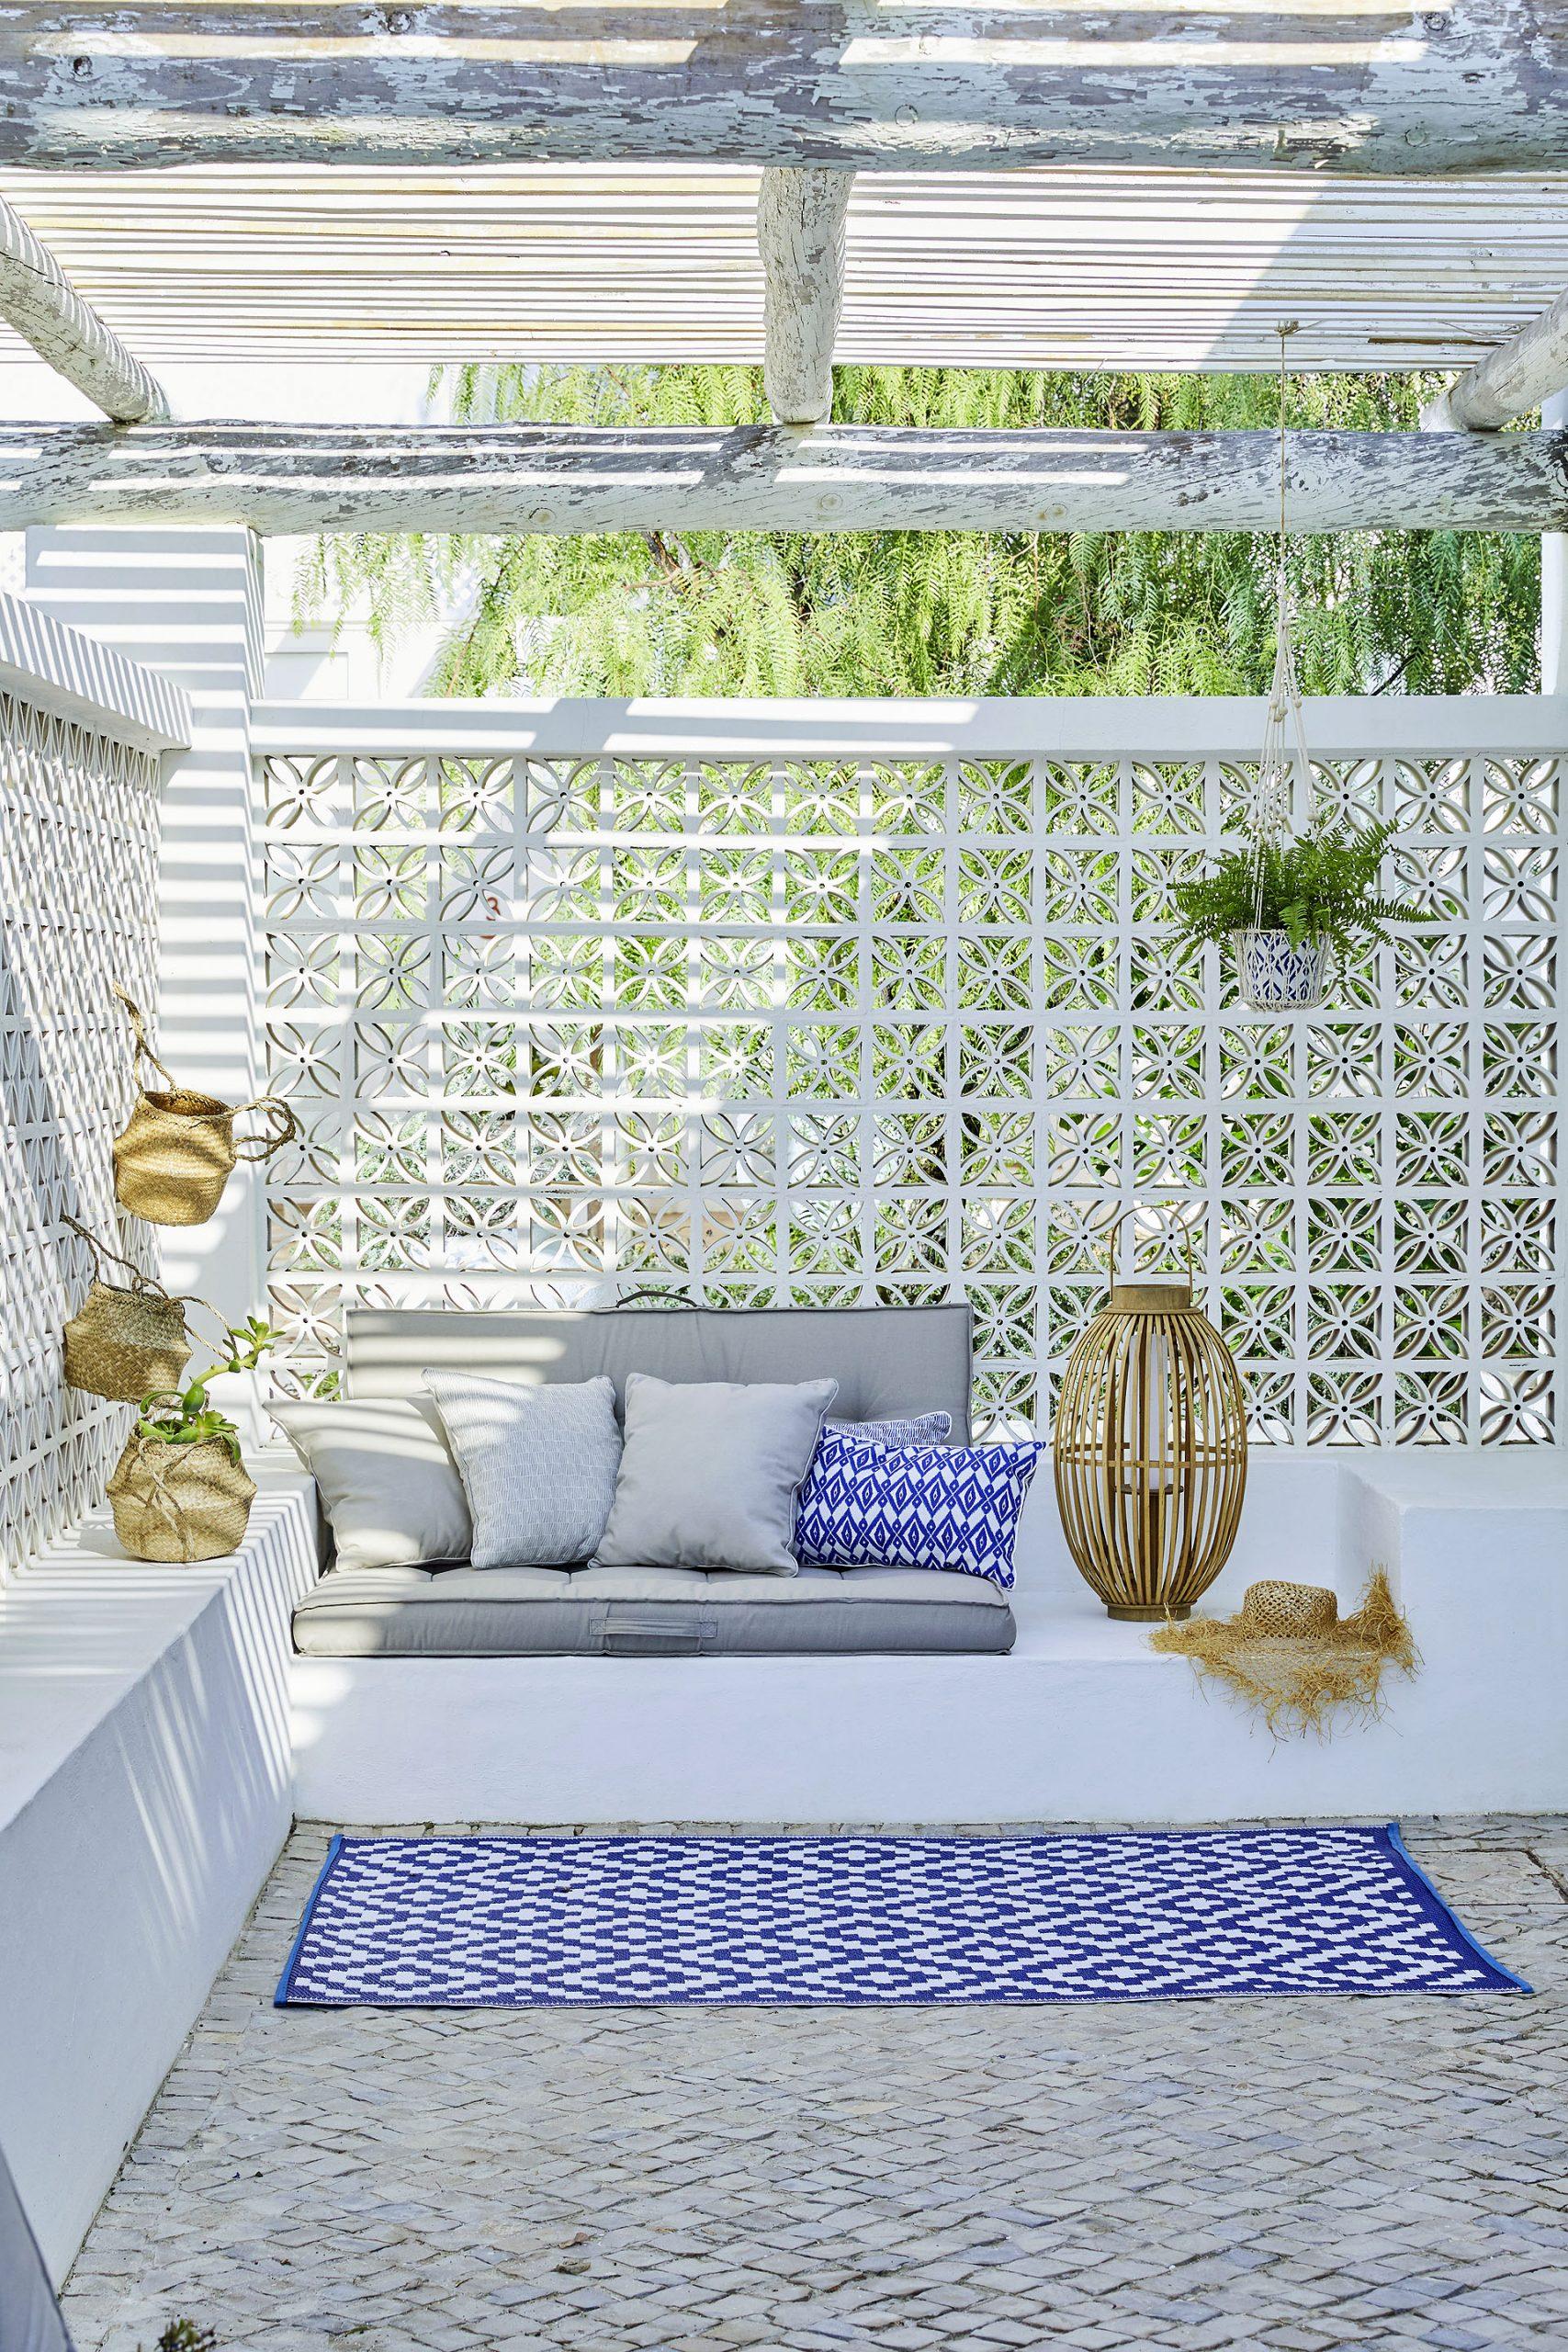 Comment Aménager Une Terrasse ? tout Salon De Jardin Resine Carrefour